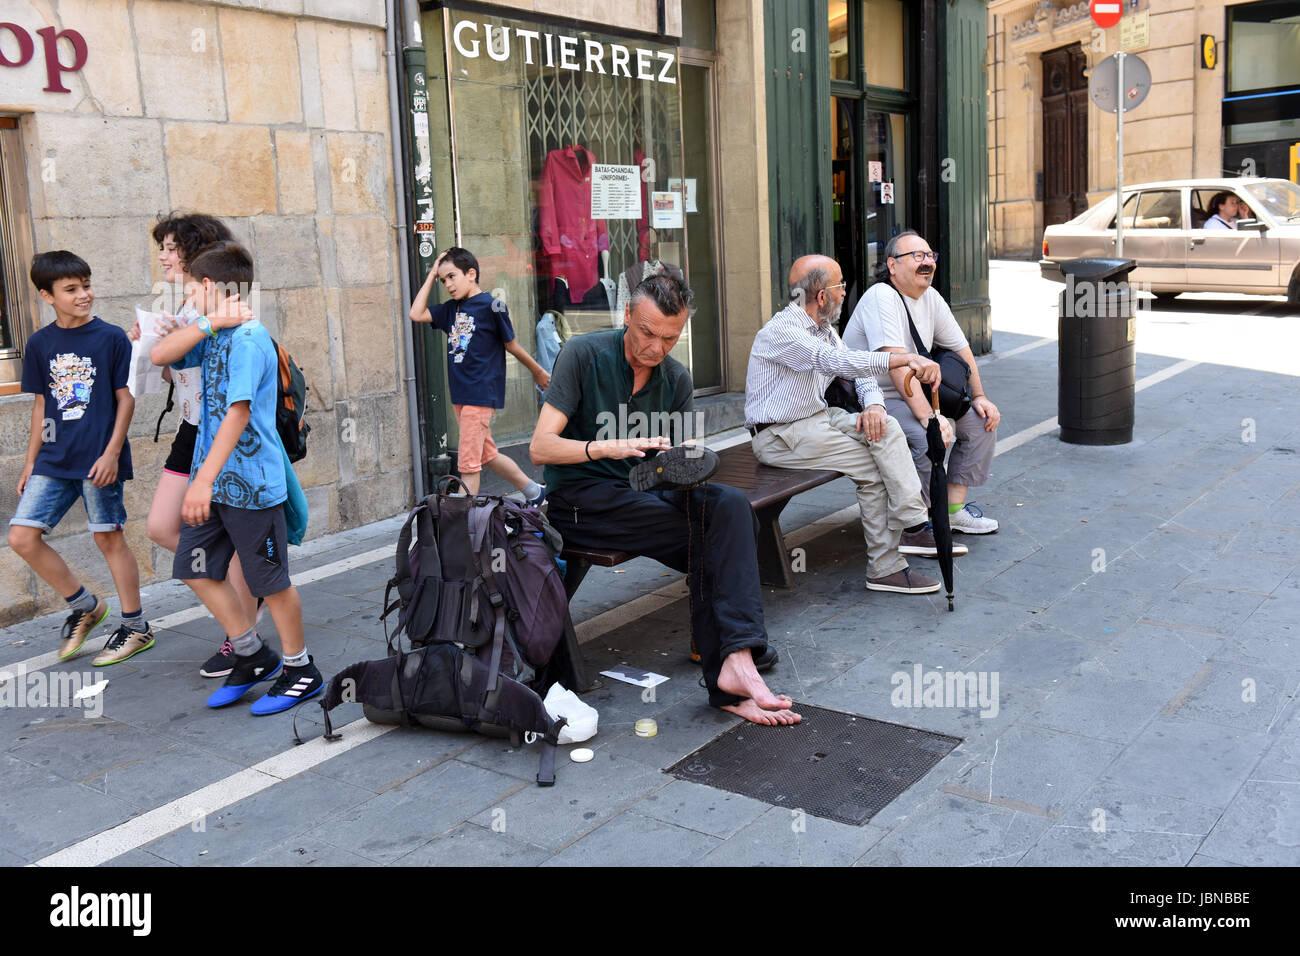 Randonneur walker son nettoyage des bottes à Pampelune en Navarre d'Espagne Photo Stock